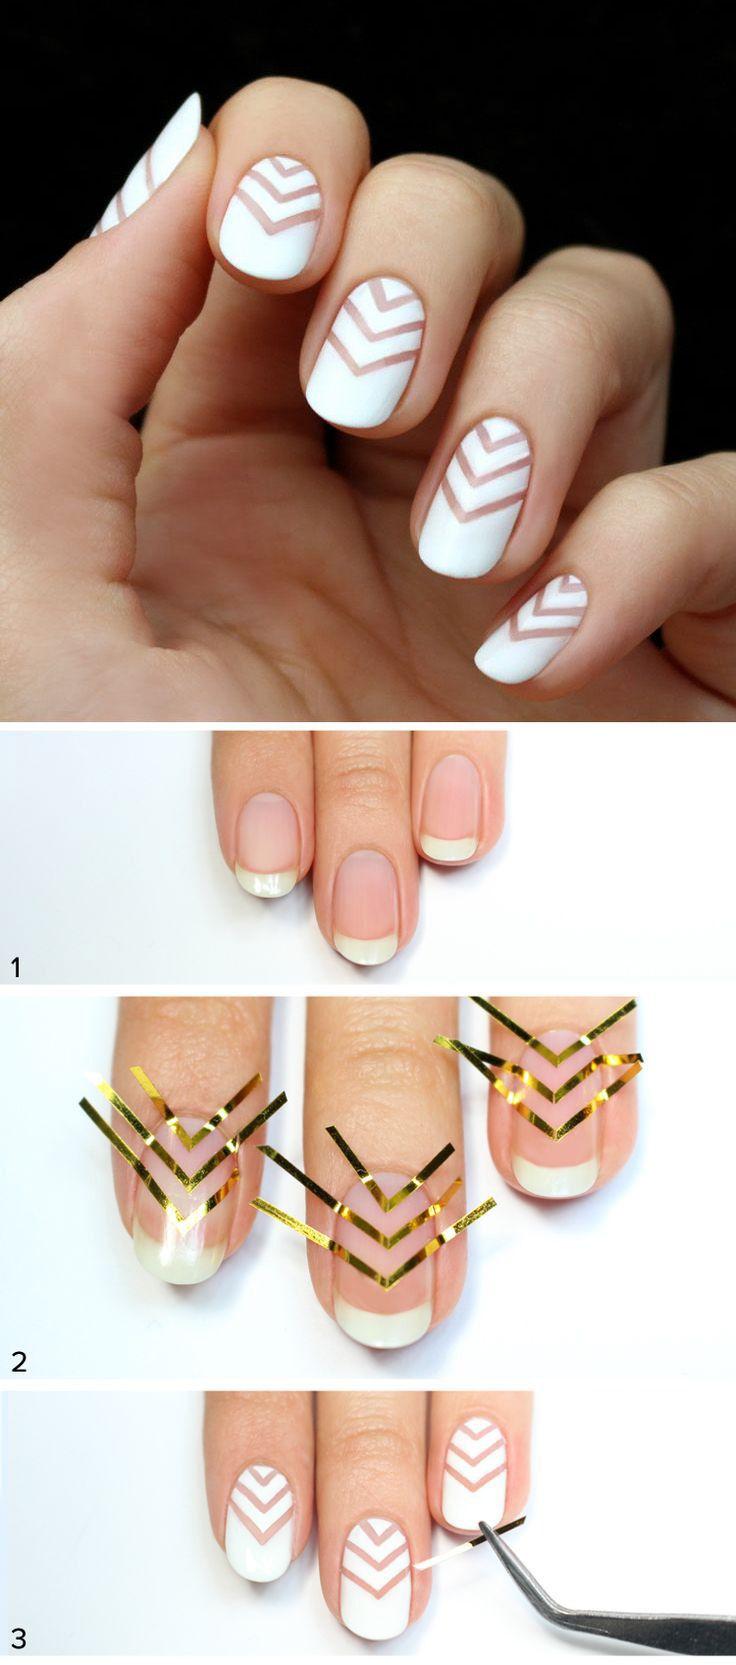 754a86f7ce1fe2f5817530079ed051fa - nagels | Pinterest - Nagel, Nagel ...